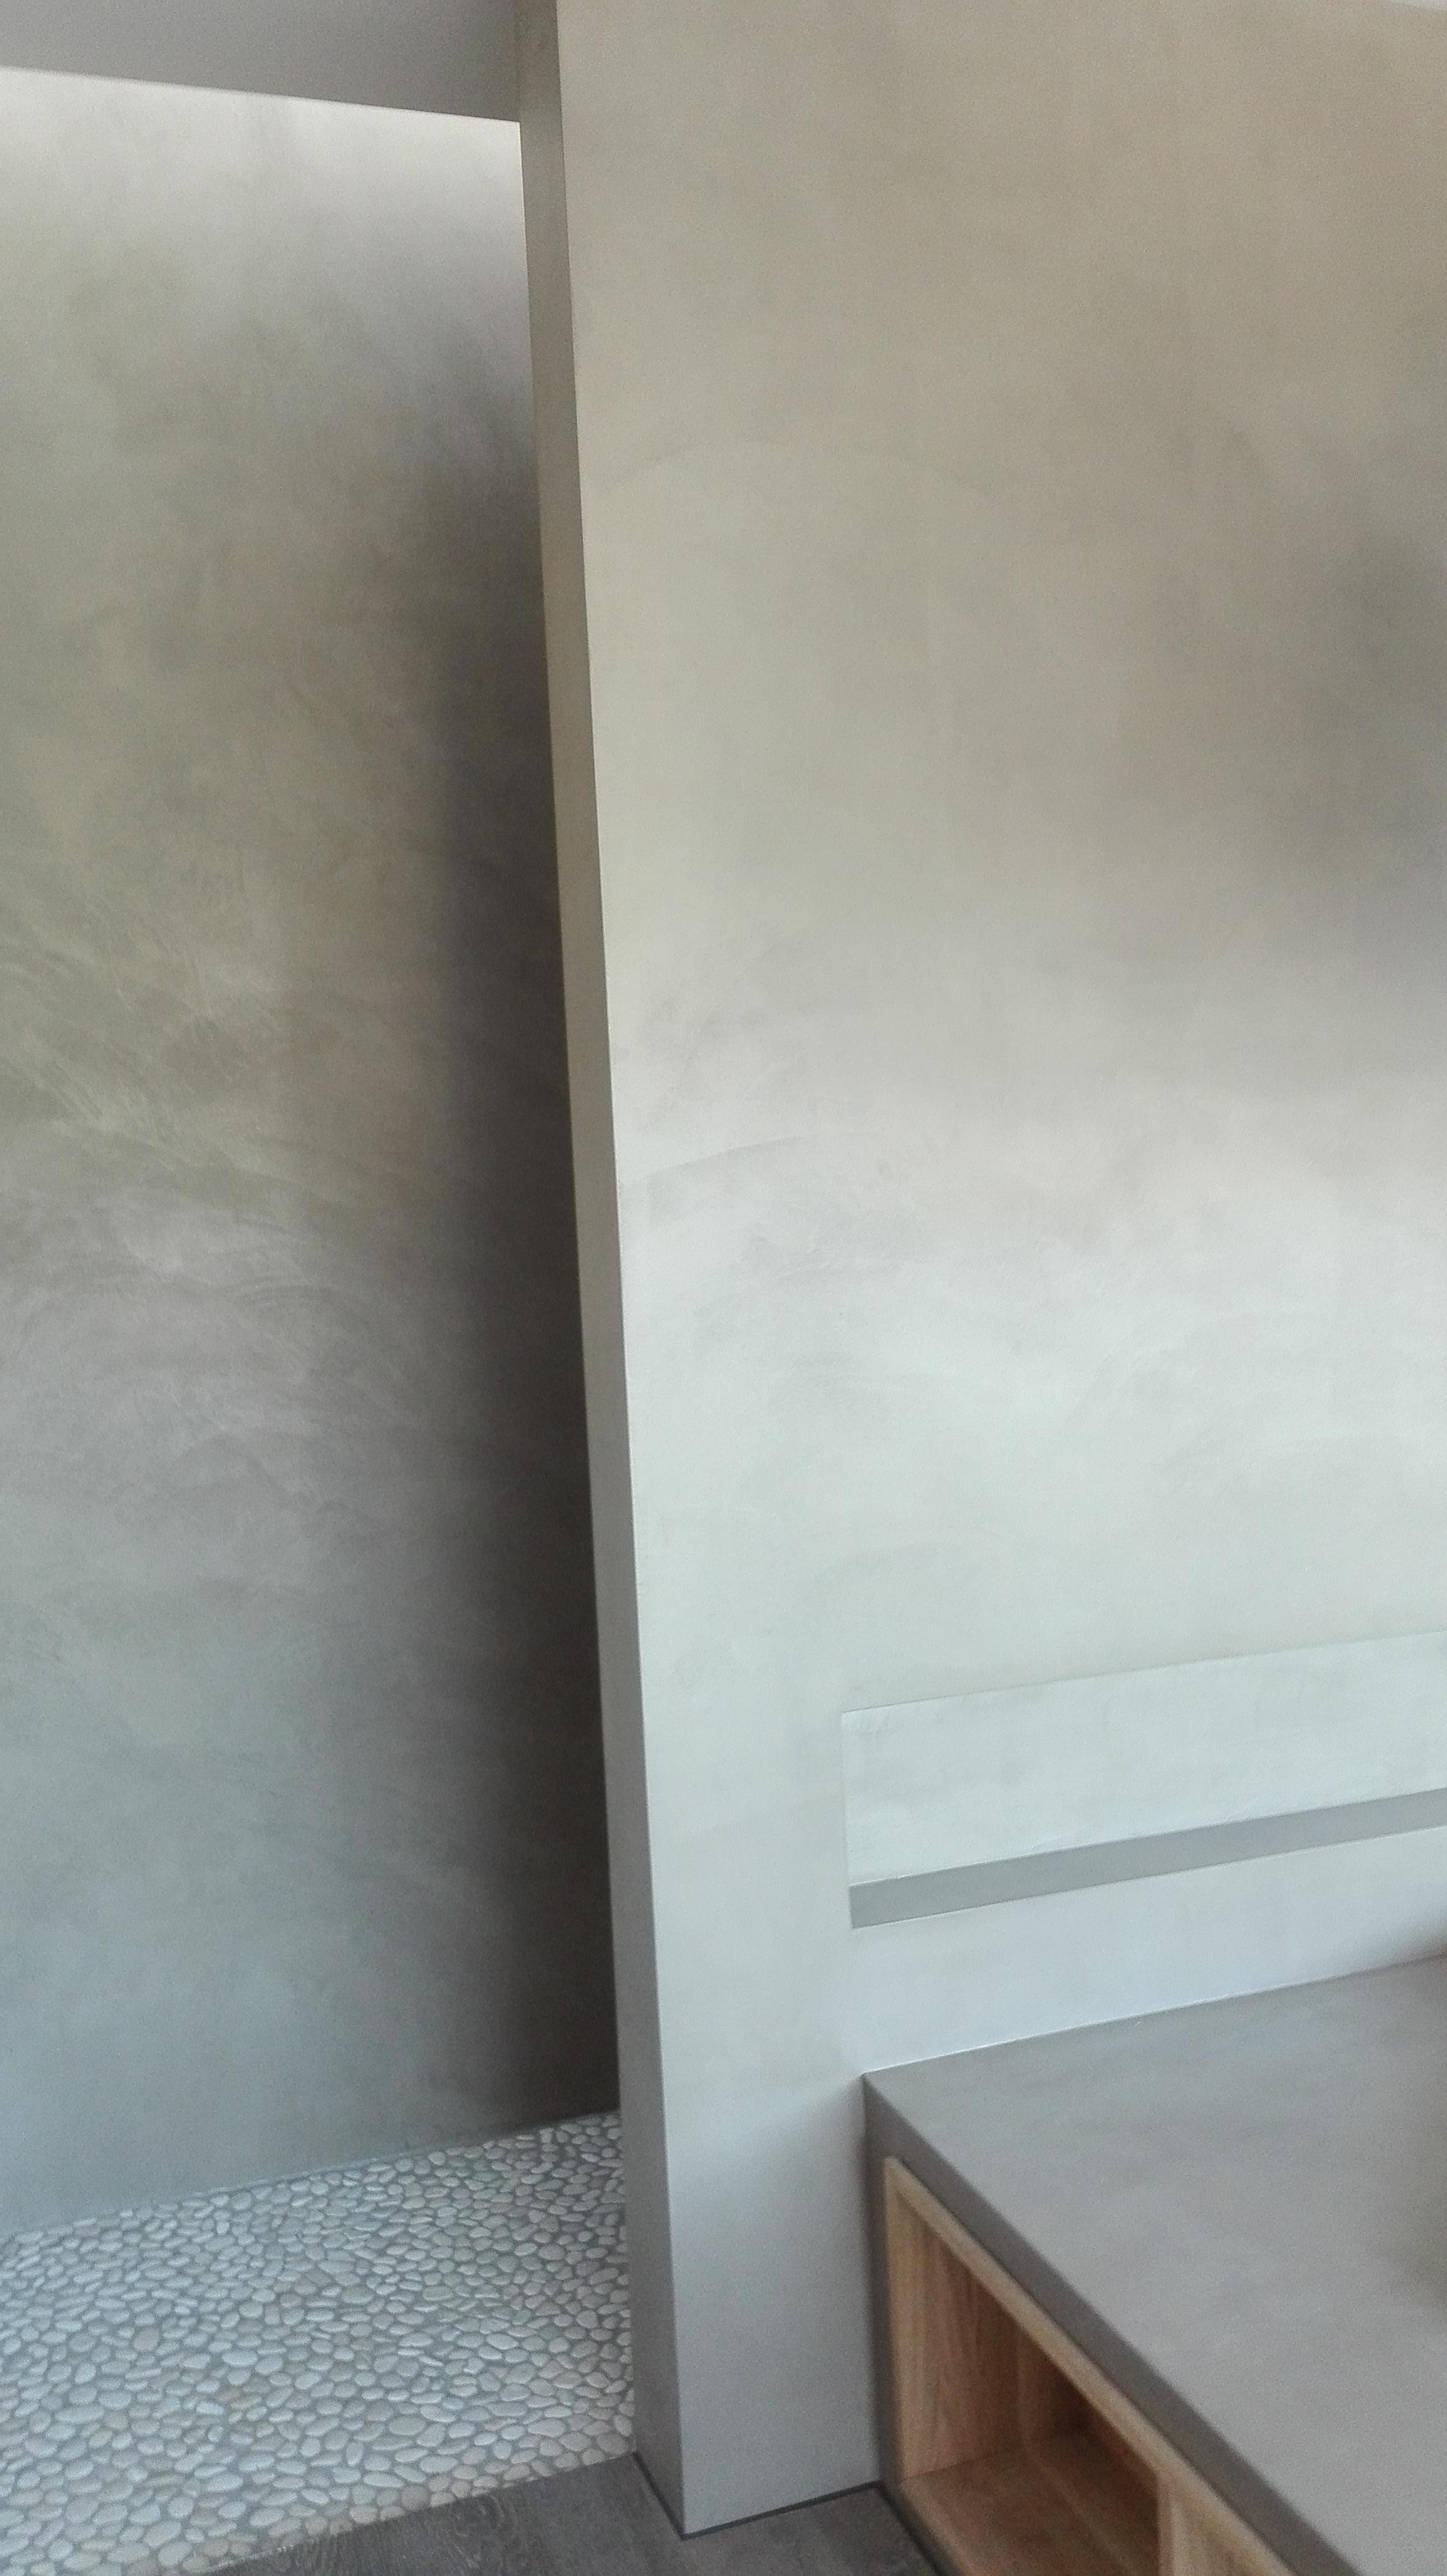 dusche fugenlos msm crearev kate beton cir willkommen bei beton. Black Bedroom Furniture Sets. Home Design Ideas